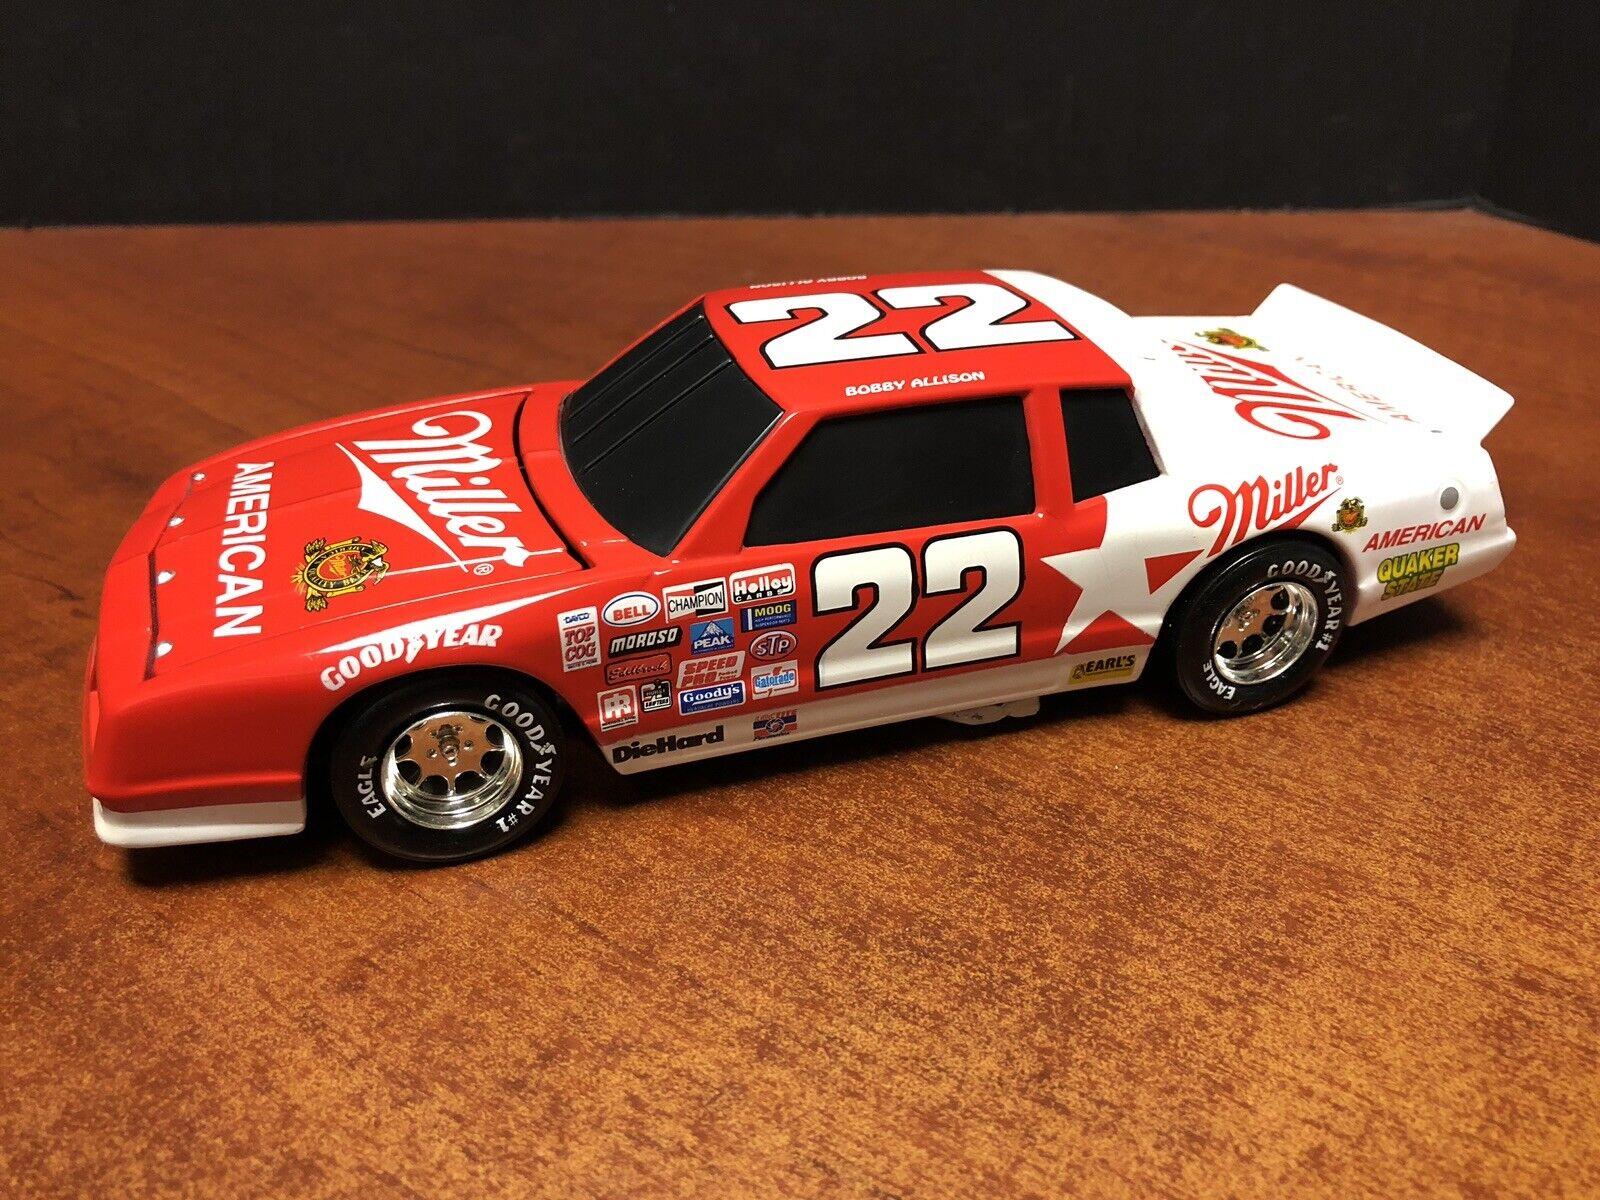 1  24 Action Bobby Allison  22 Miller Monte voiturelo No Box EM2833  acheter en ligne